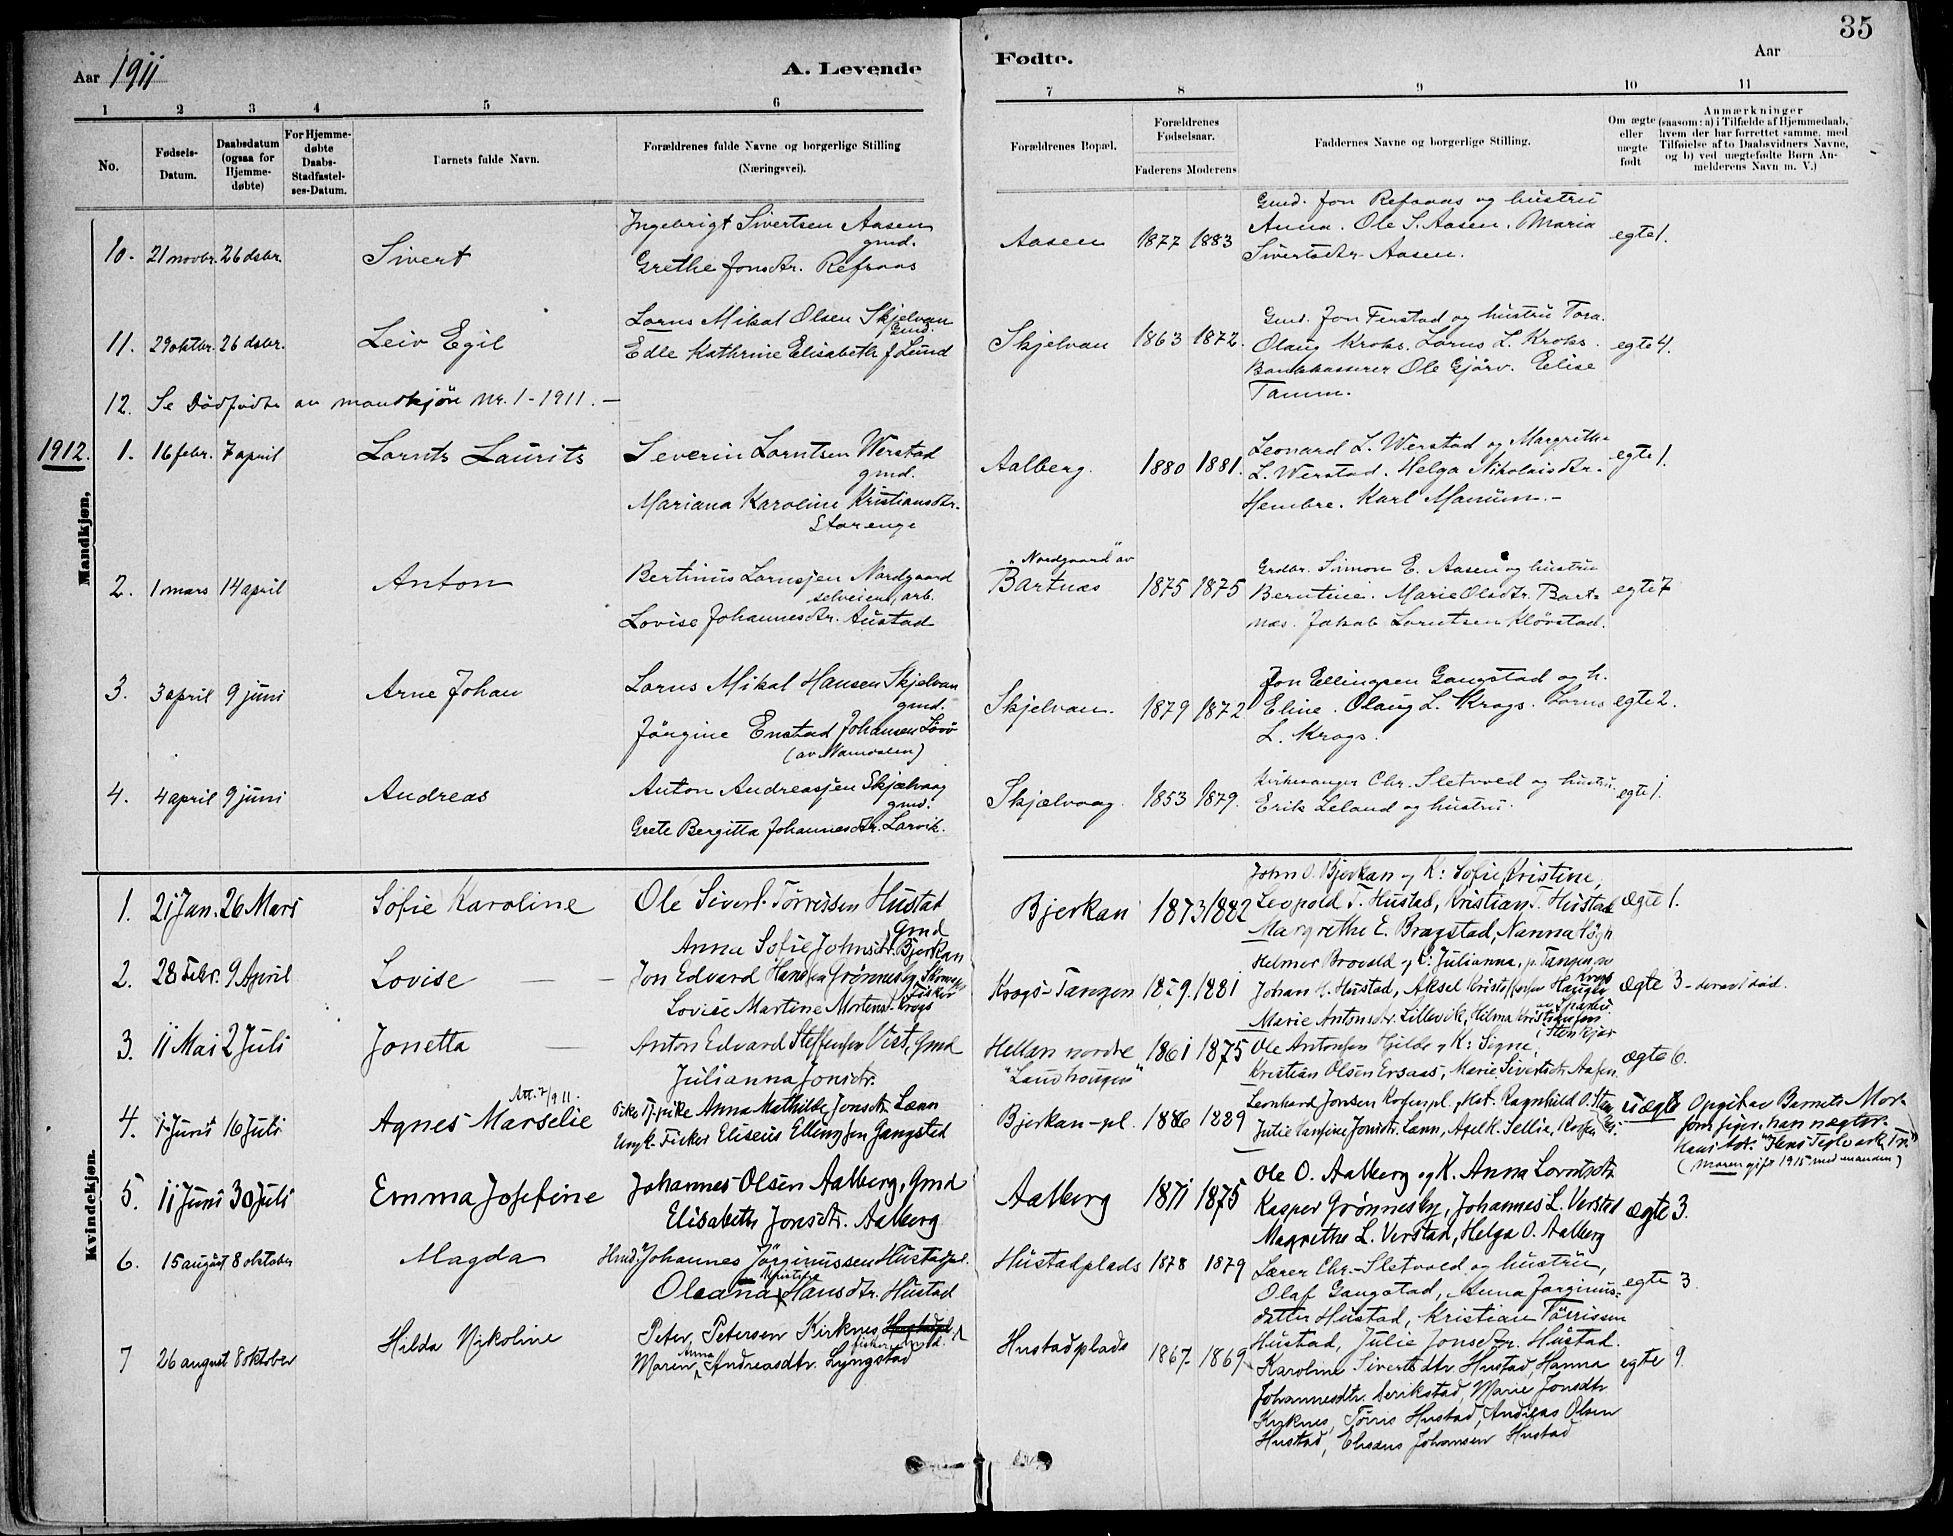 SAT, Ministerialprotokoller, klokkerbøker og fødselsregistre - Nord-Trøndelag, 732/L0316: Ministerialbok nr. 732A01, 1879-1921, s. 35